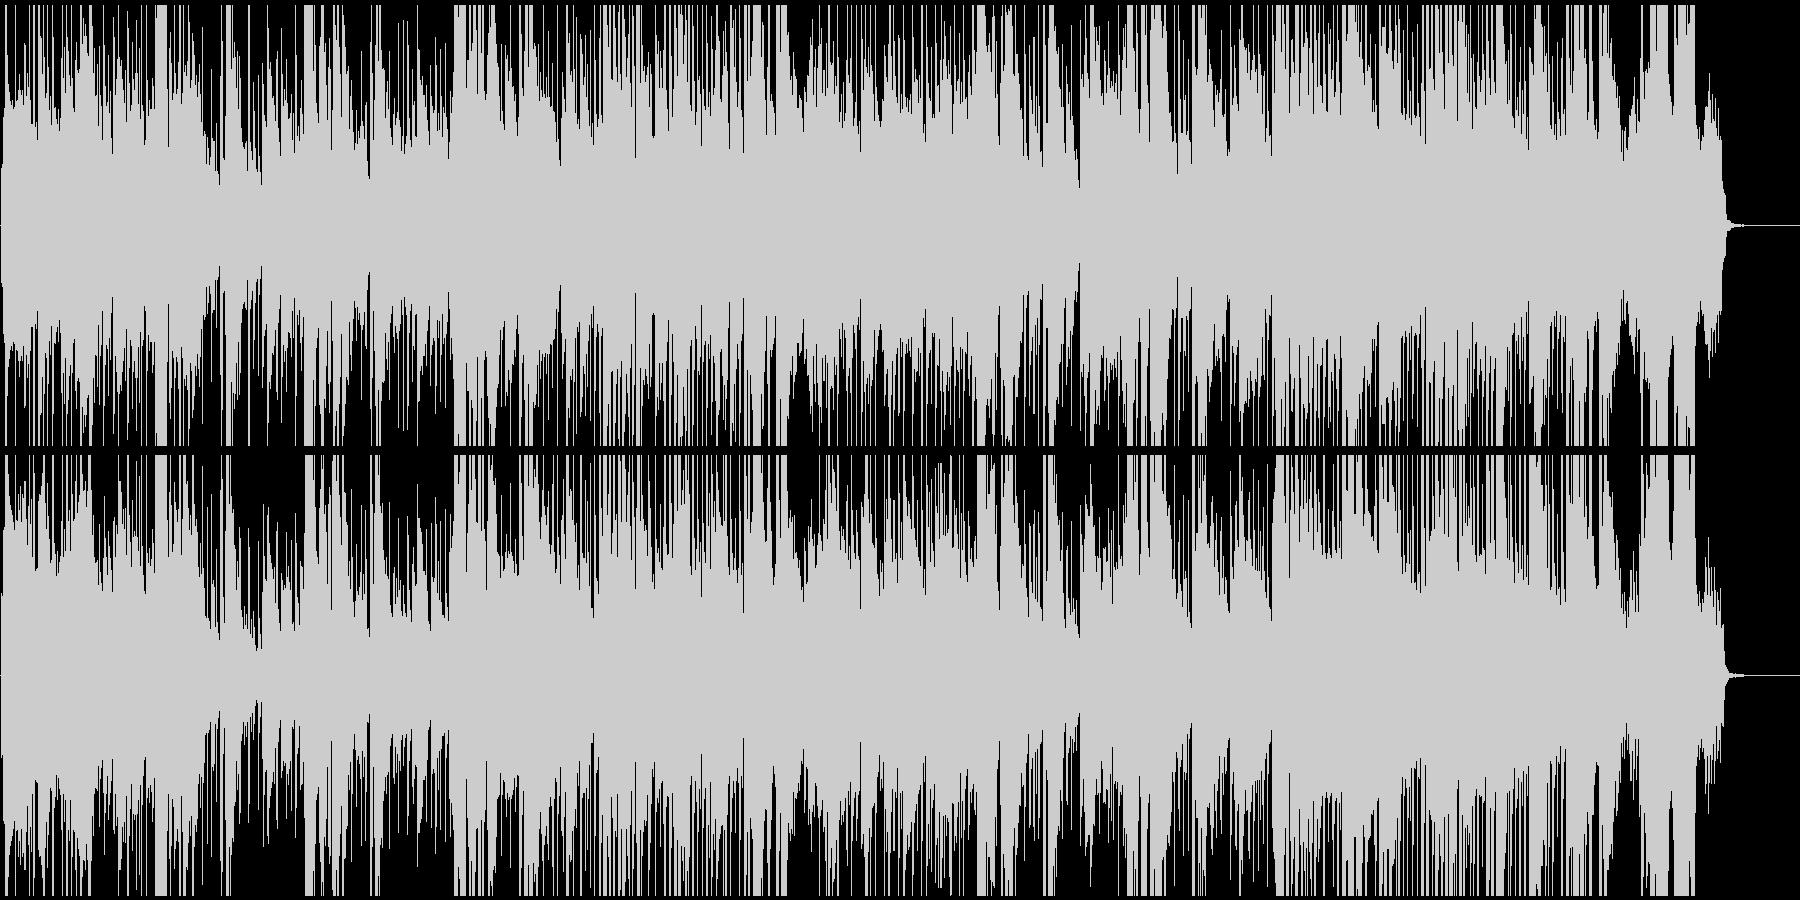 男性ボーカル、西部劇音楽調の歌の未再生の波形